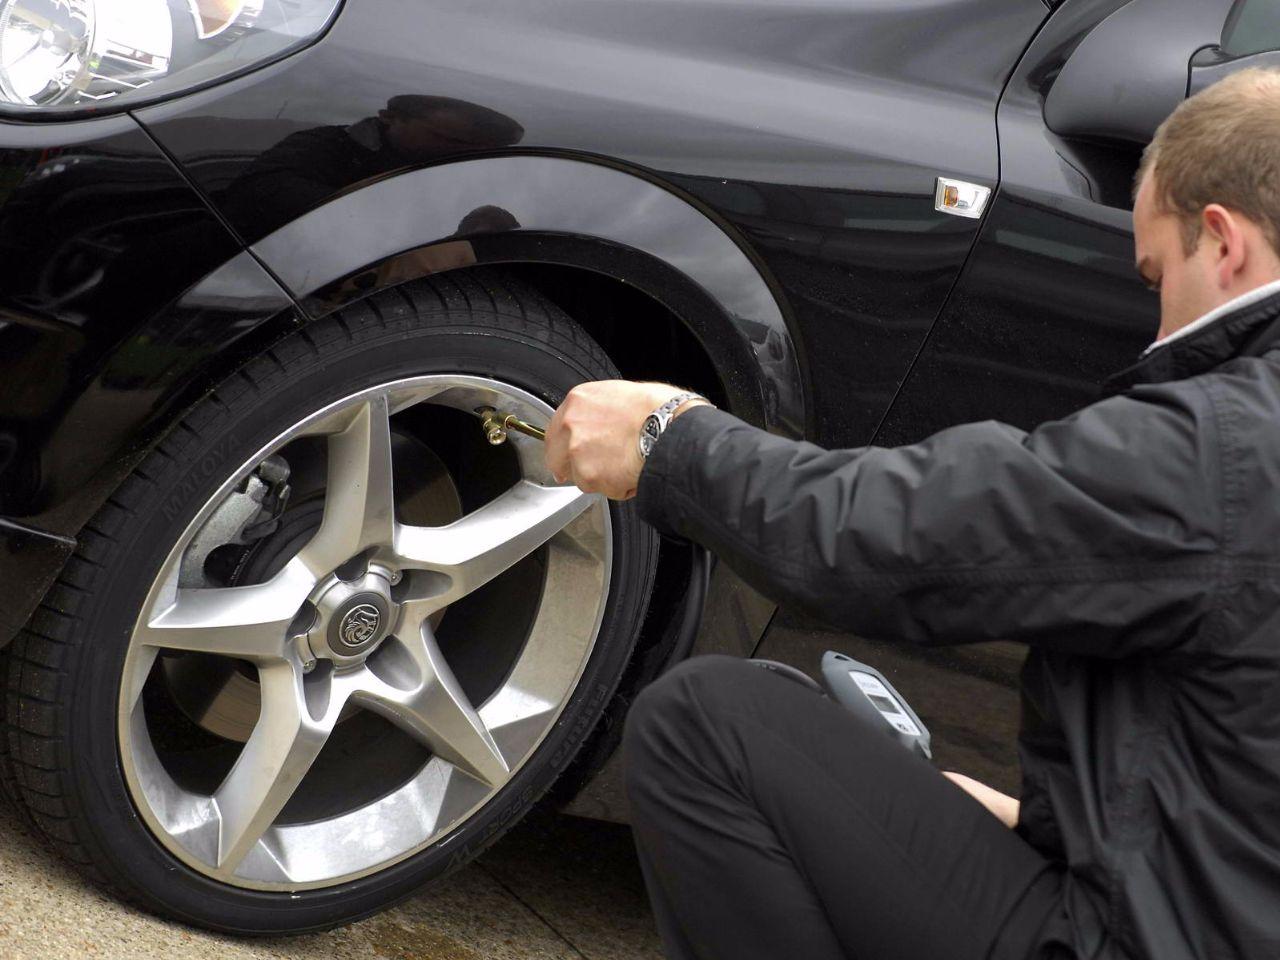 Inspección superficial antes de comprar un auto de segunda mano-1